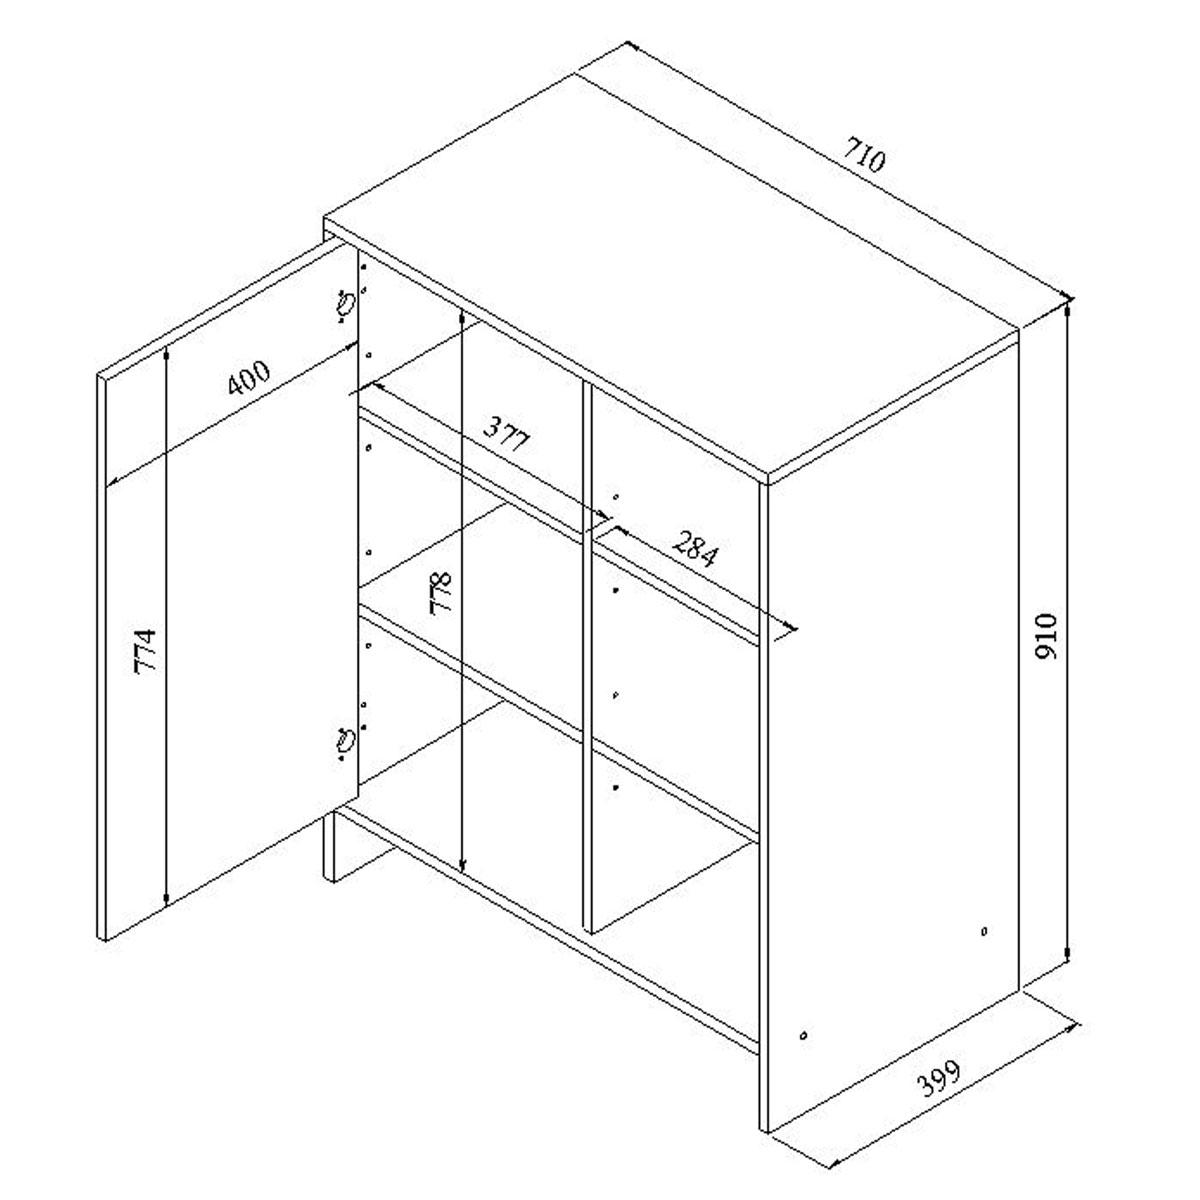 Meuble bas de cuisine 1 porte 3 niches 71 cm noir blanc for Dimension meuble bas cuisine